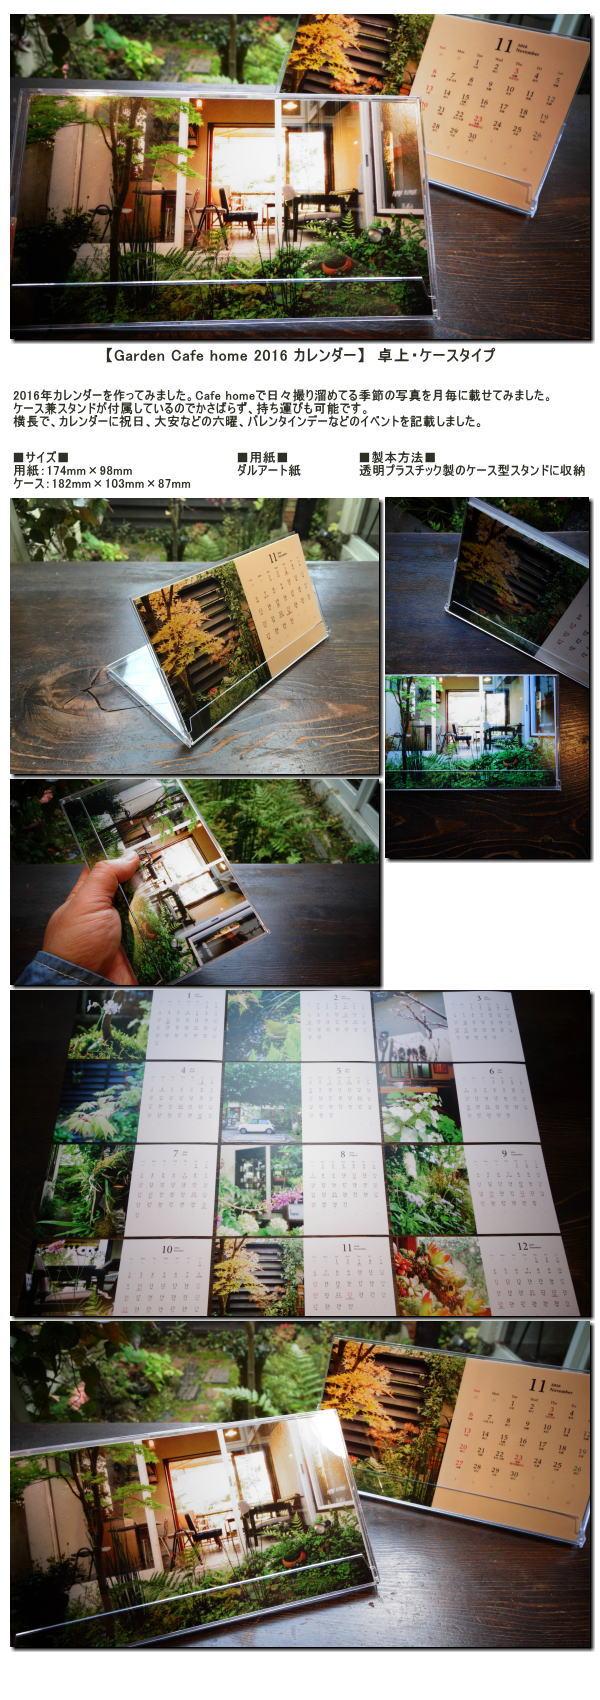 Cafe home 2016年度 カレンダー 卓上・ケースタイプ